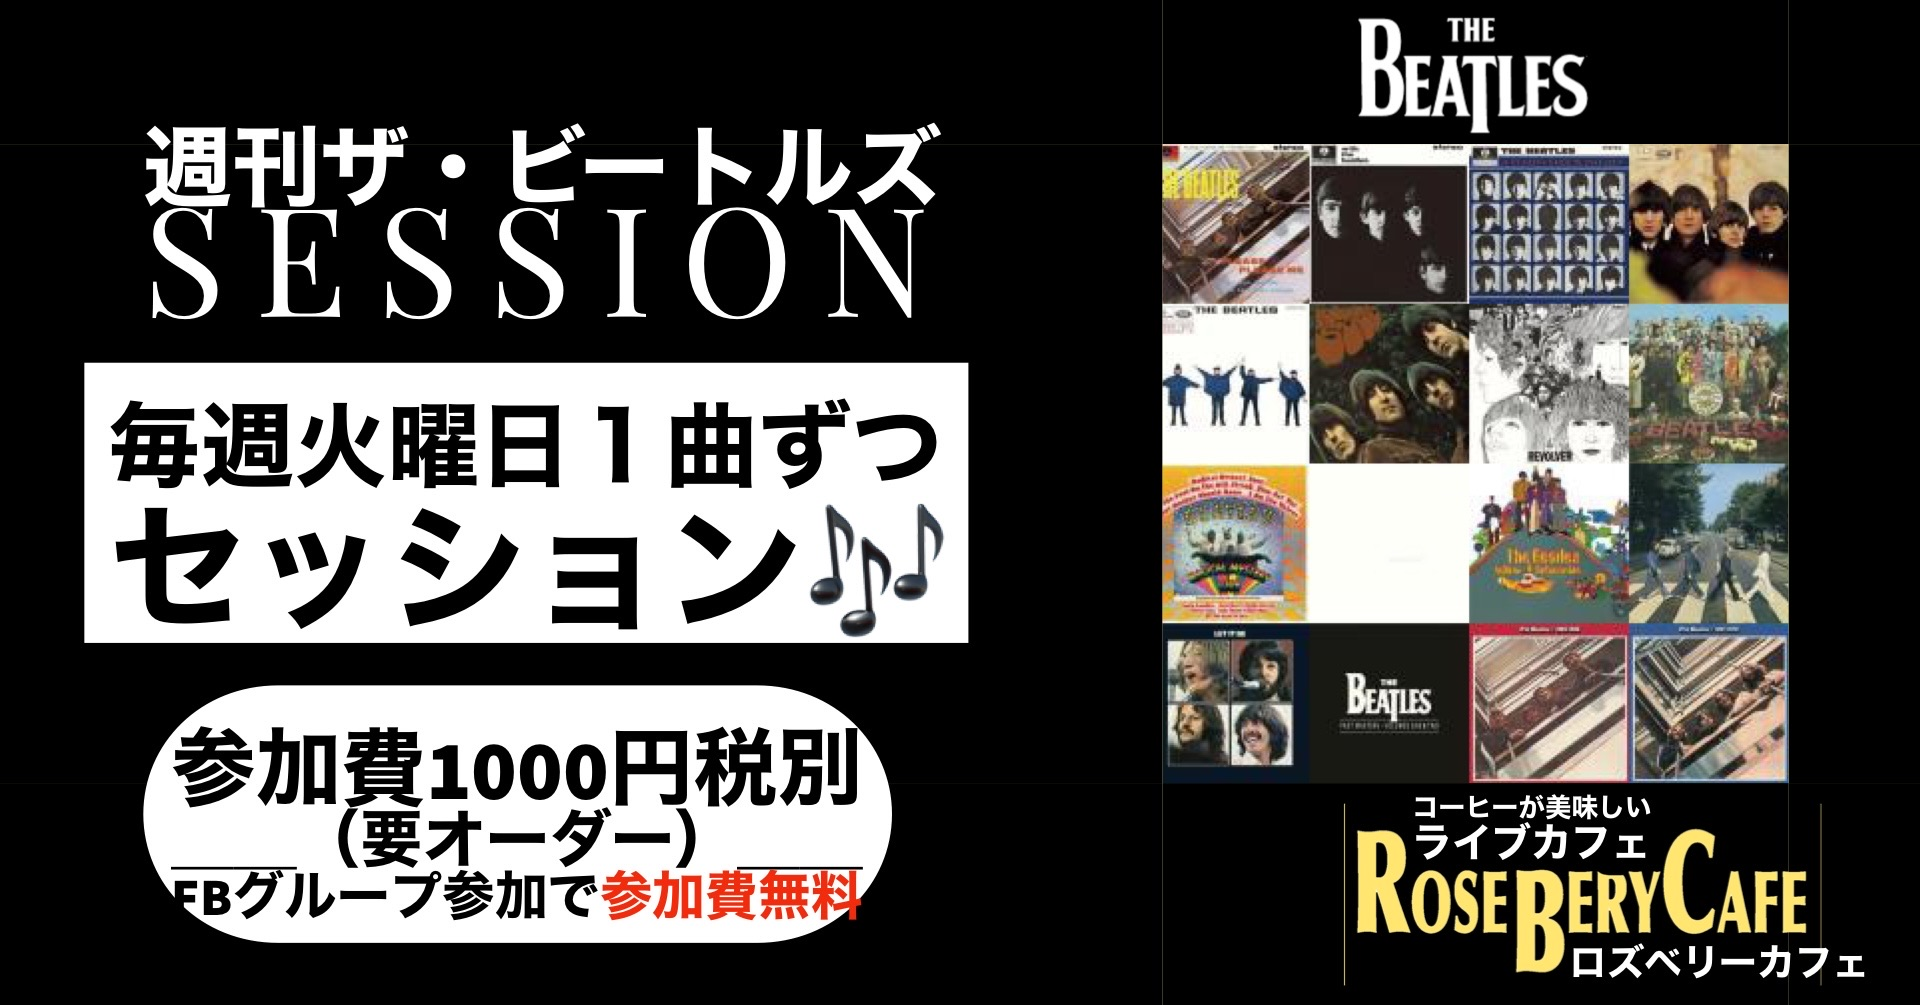 【開催】週刊ザ・ビートルズセッション 第3回